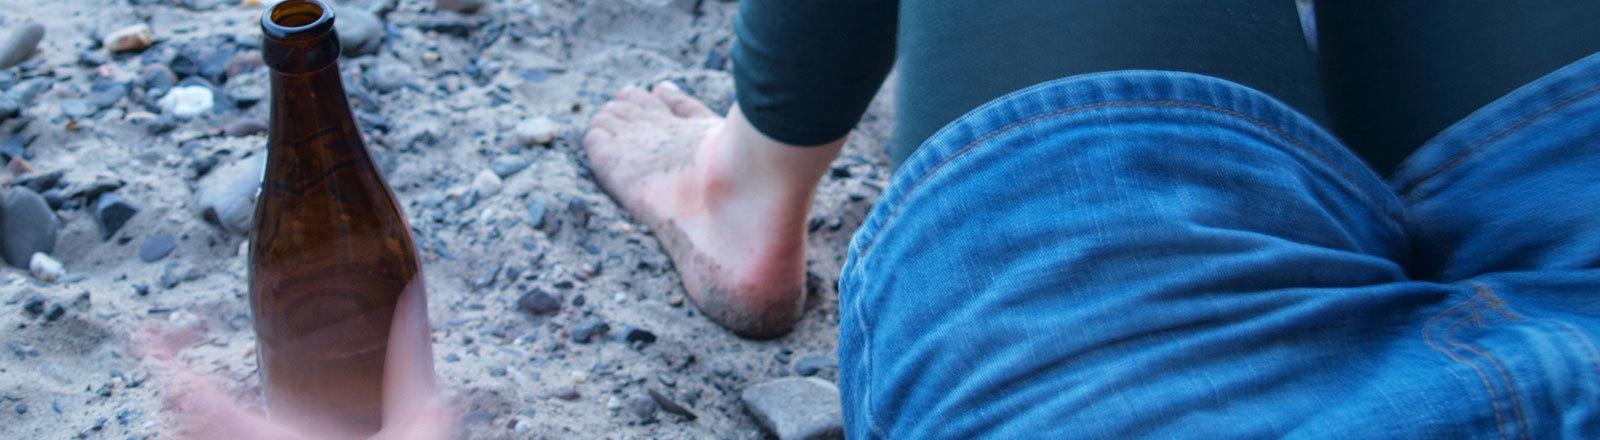 Frau greift am Strand auf dem Rücken liegend zu einer Bierflasche.